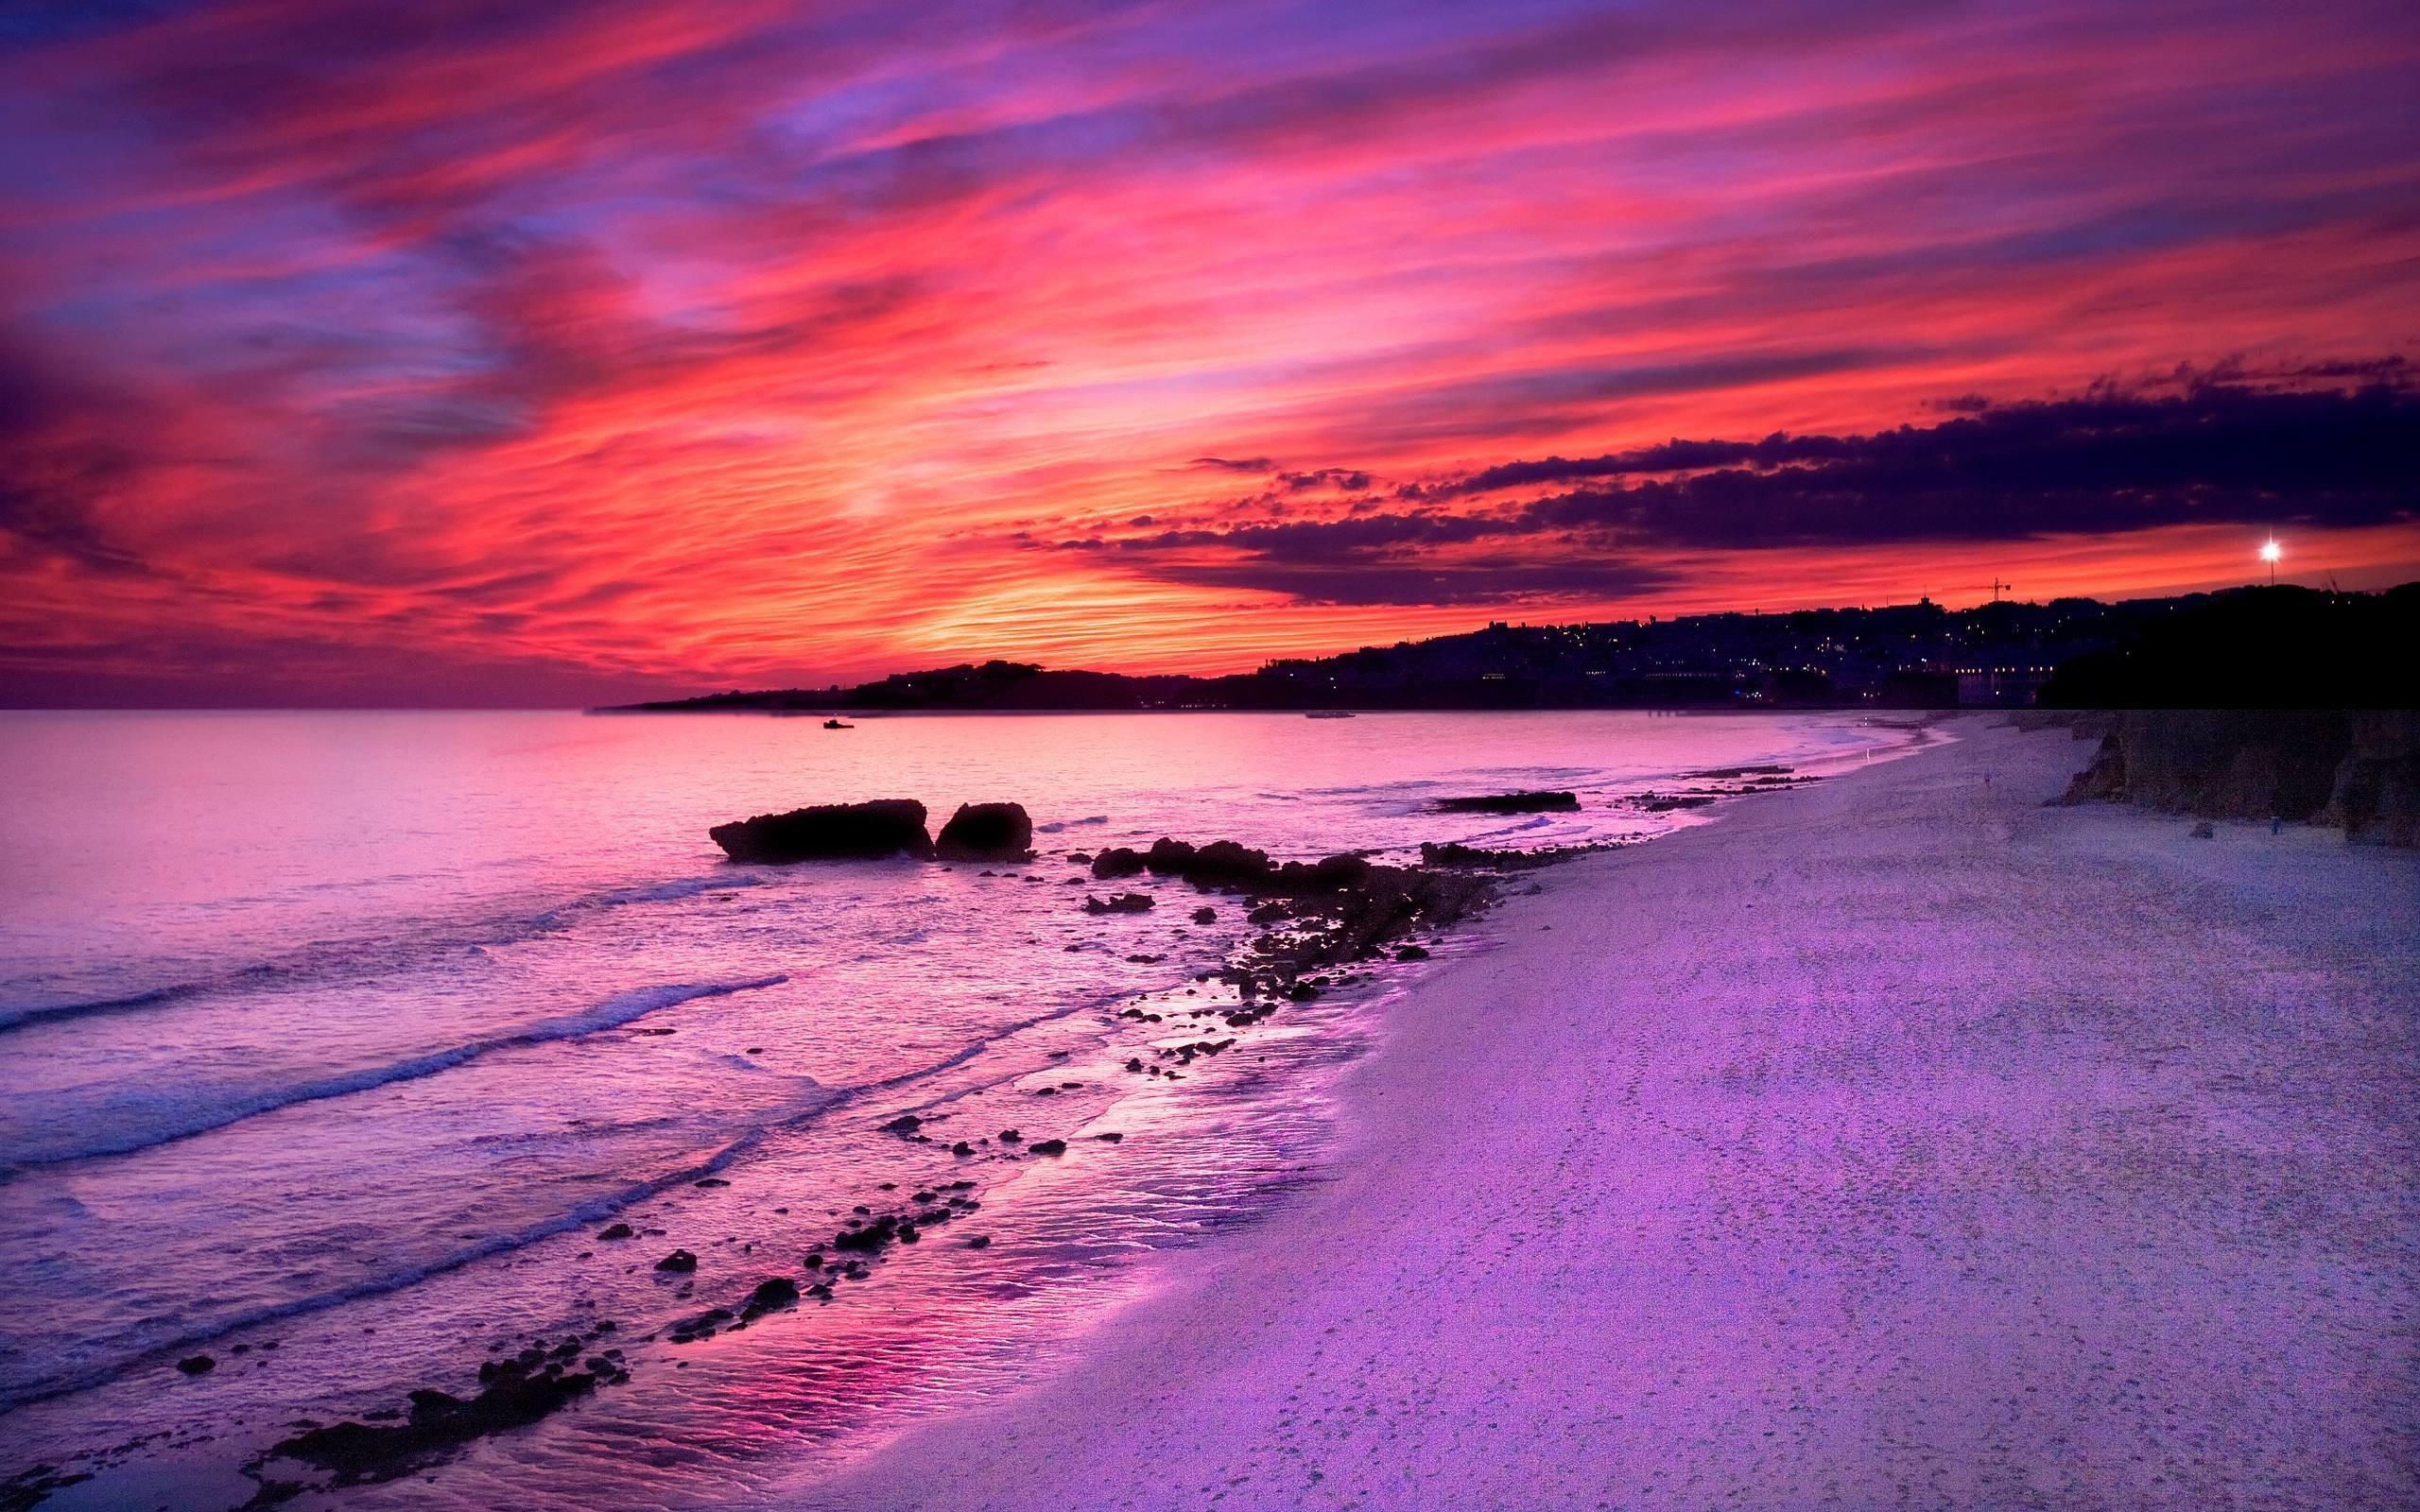 Beach Sunset Desktop Wallpaper (70+ images)Beach Sunset Backgrounds For Computer